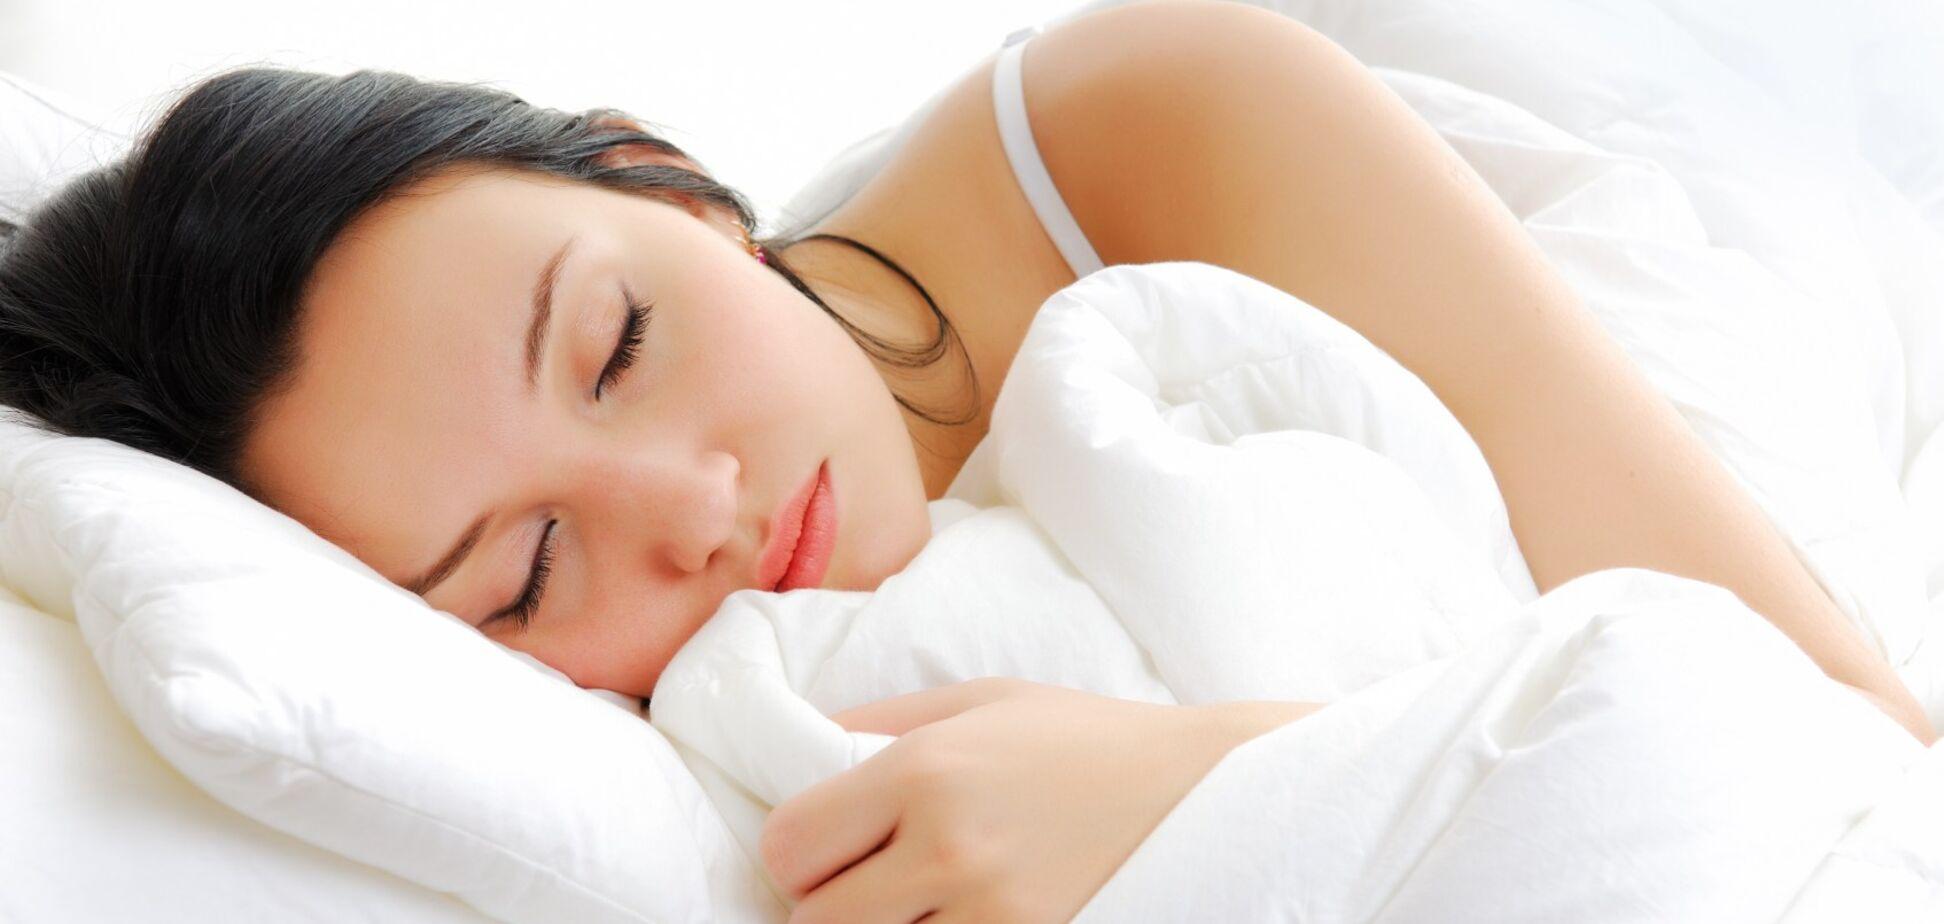 Як уберегтися від Альцгеймера: лікарі назвали правильну позу для сну